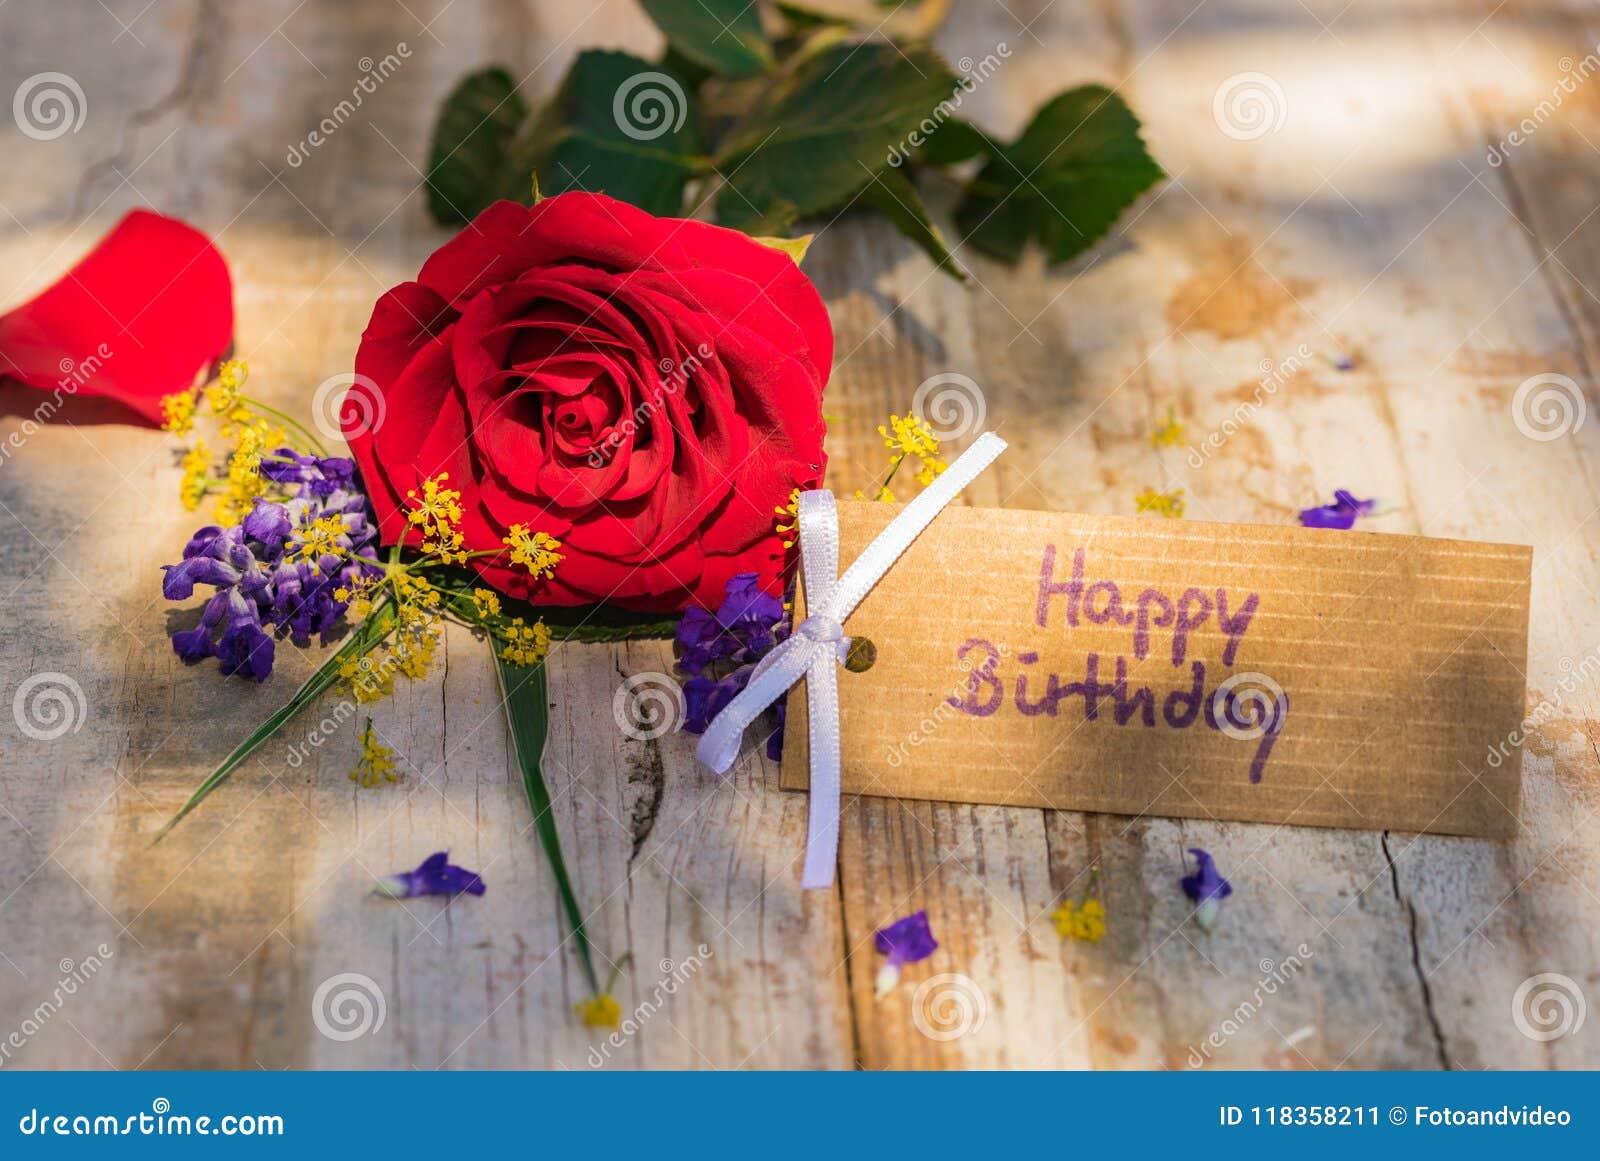 Carte De Joyeux Anniversaire Avec Des Fleurs Sur Le Bois Rustique Image Stock Image Du Bois Rustique 118358211